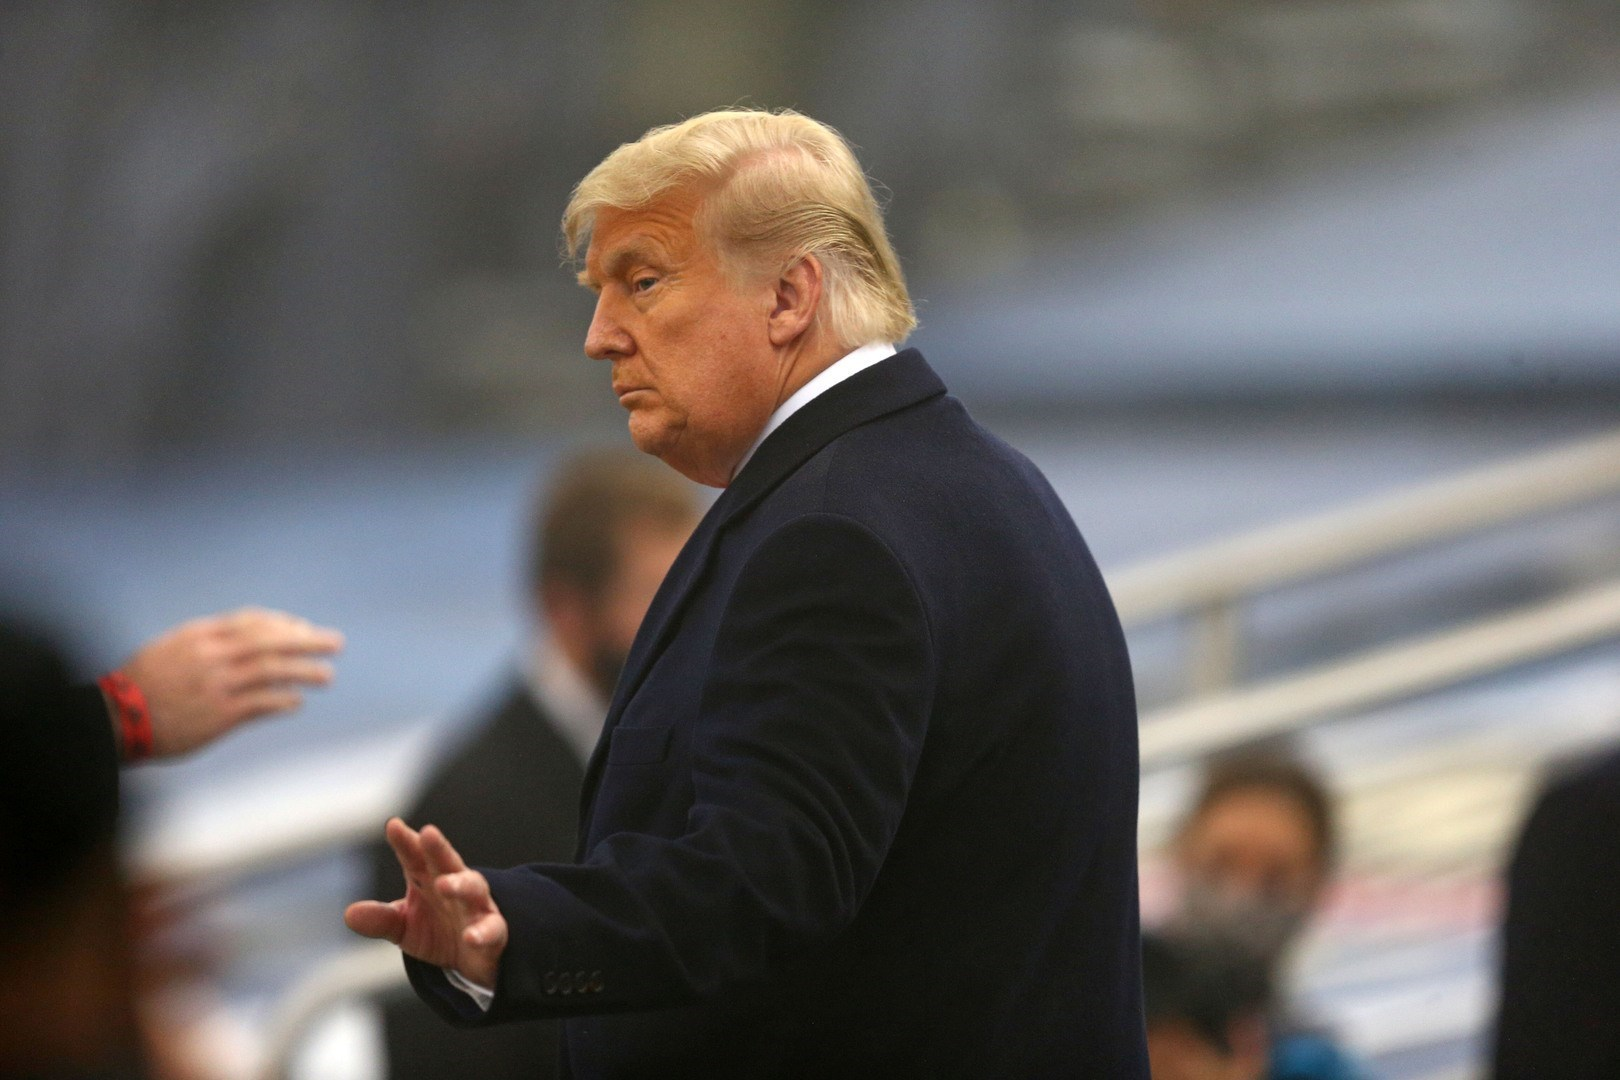 تستمر معركة ترامب مع الكونغرس، بخصوص مشروع قانون الدفاع وحزم التحفيز